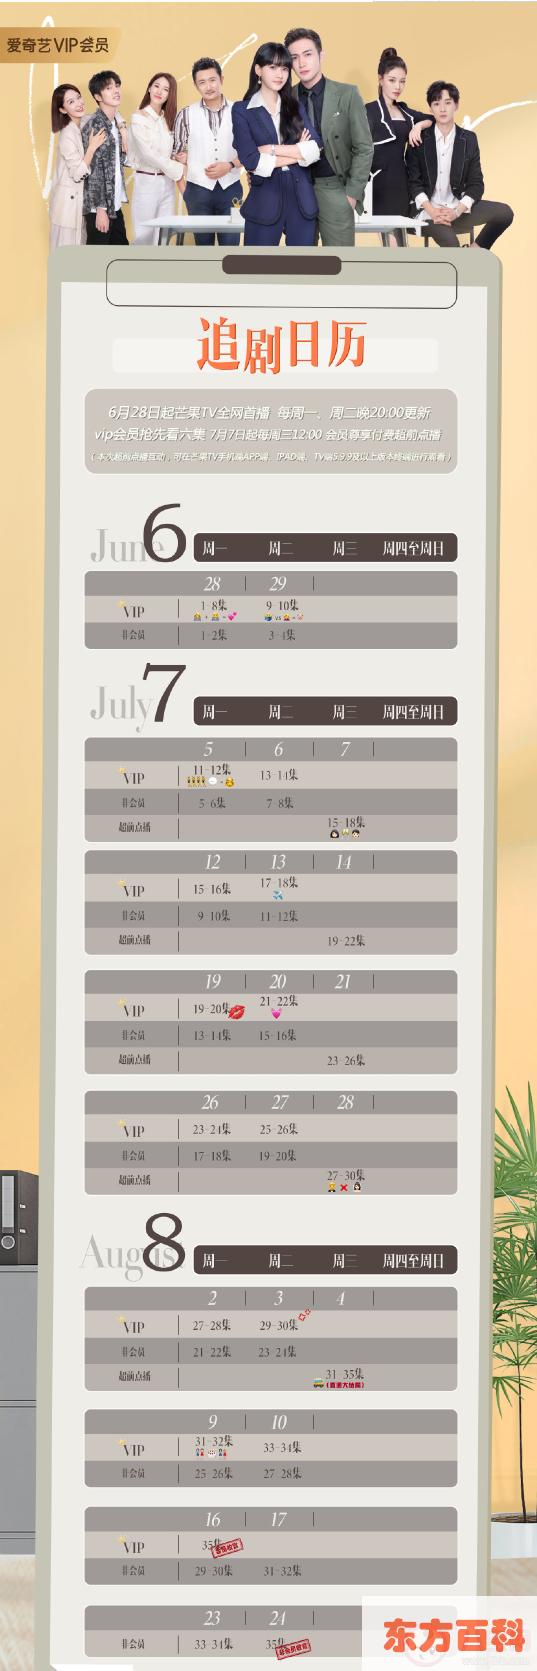 《我和我们在一起》追剧日历 《我和我们在一起》更新时间表